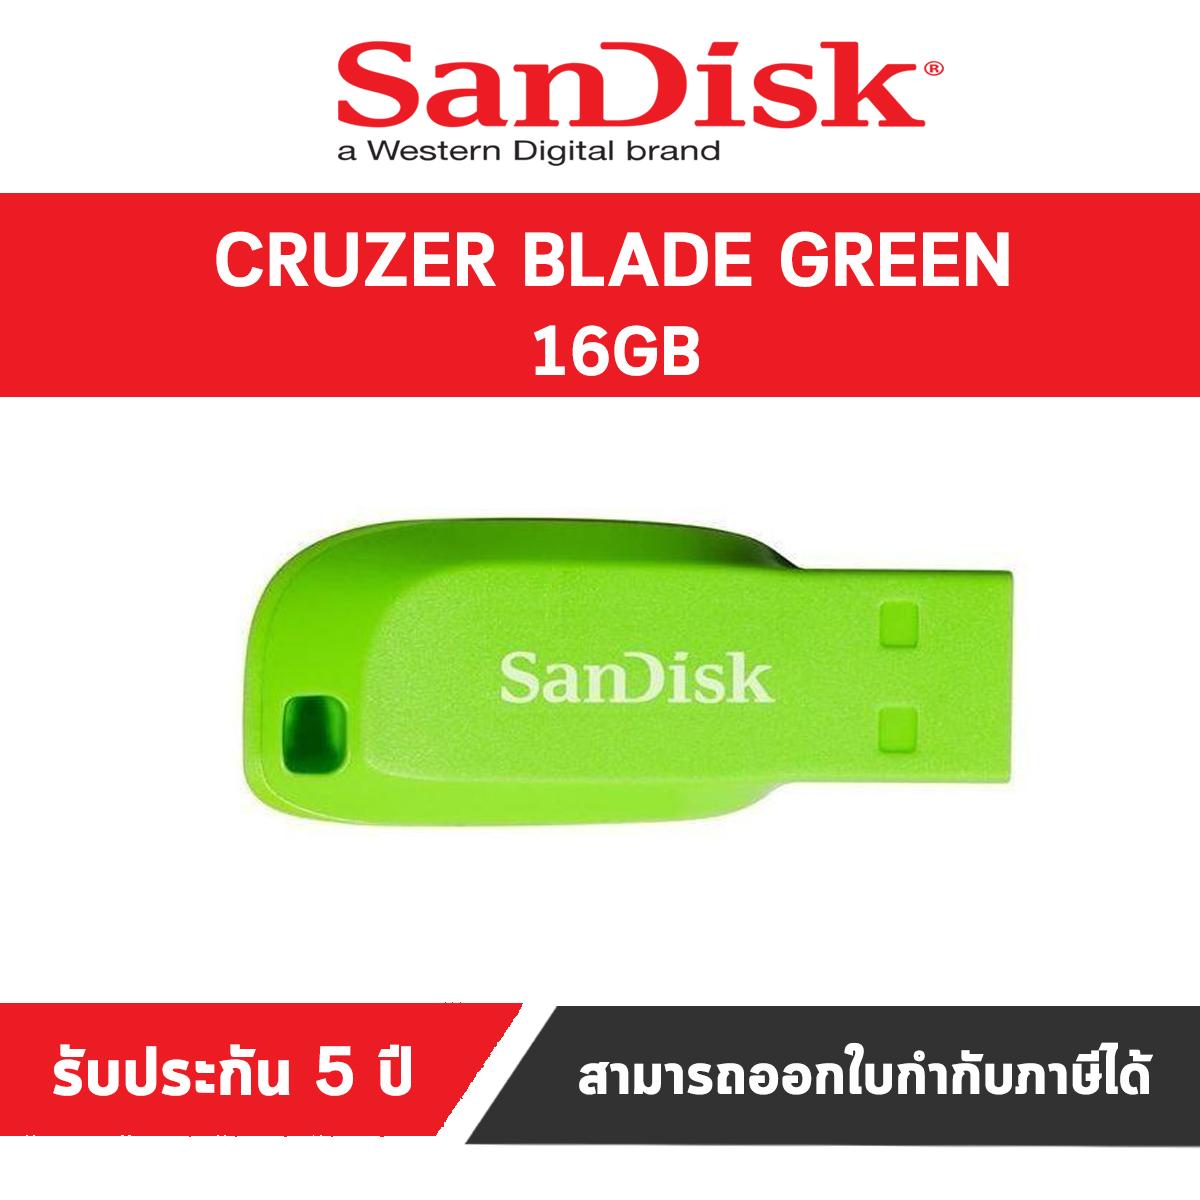 Lot of 2 SanDisk BRAND NEW Black//Green Cruzer 16GB USB 2.0 Flash Drive